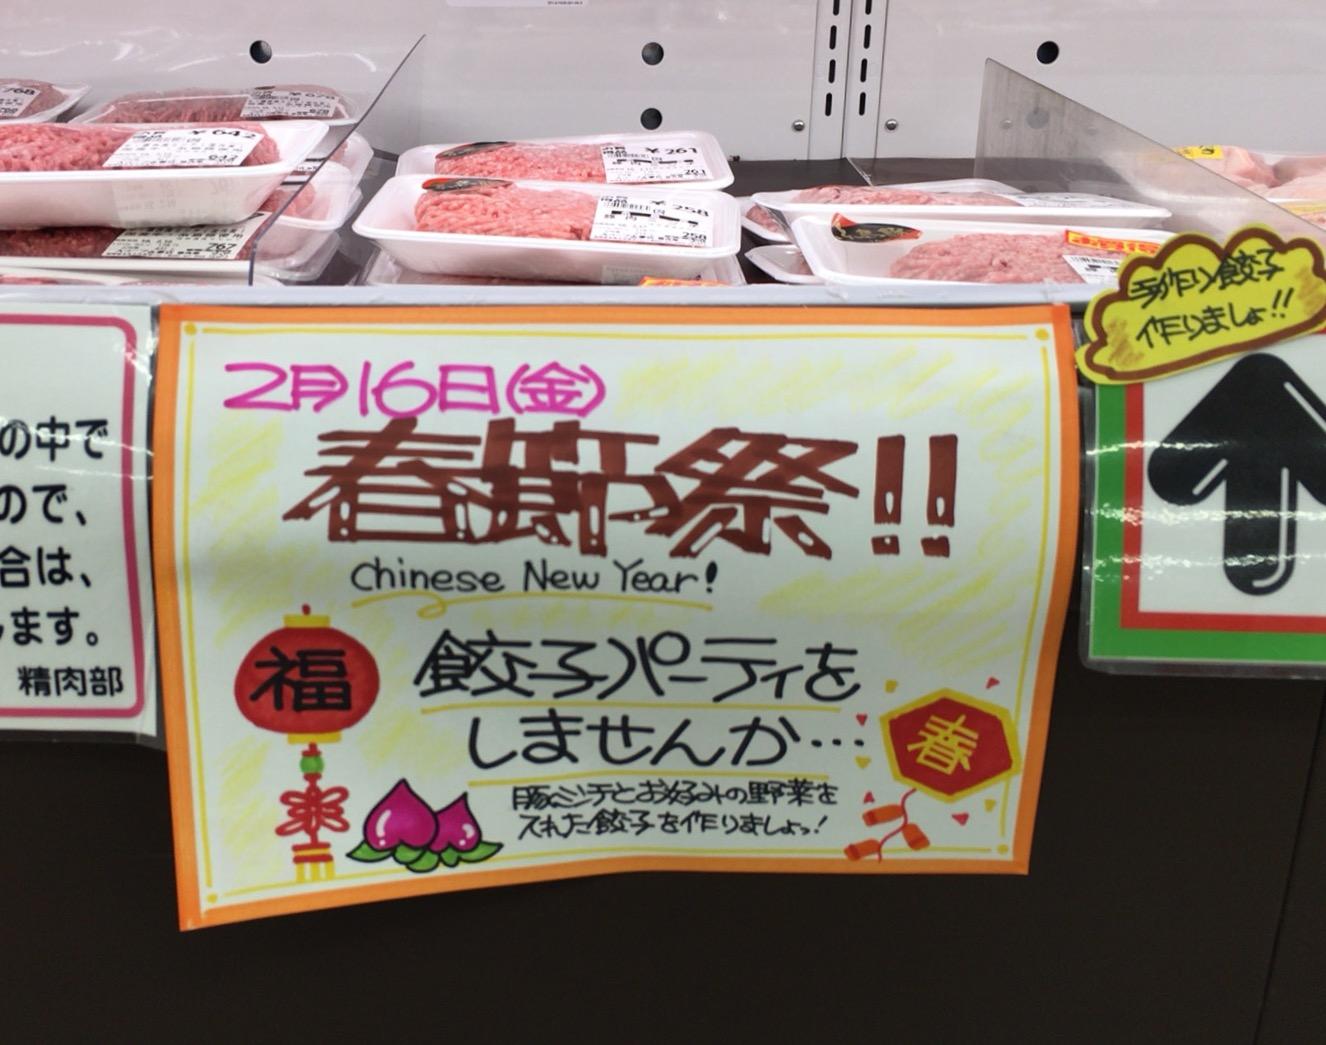 あ!春節の餃子パーティーも!(^^)/